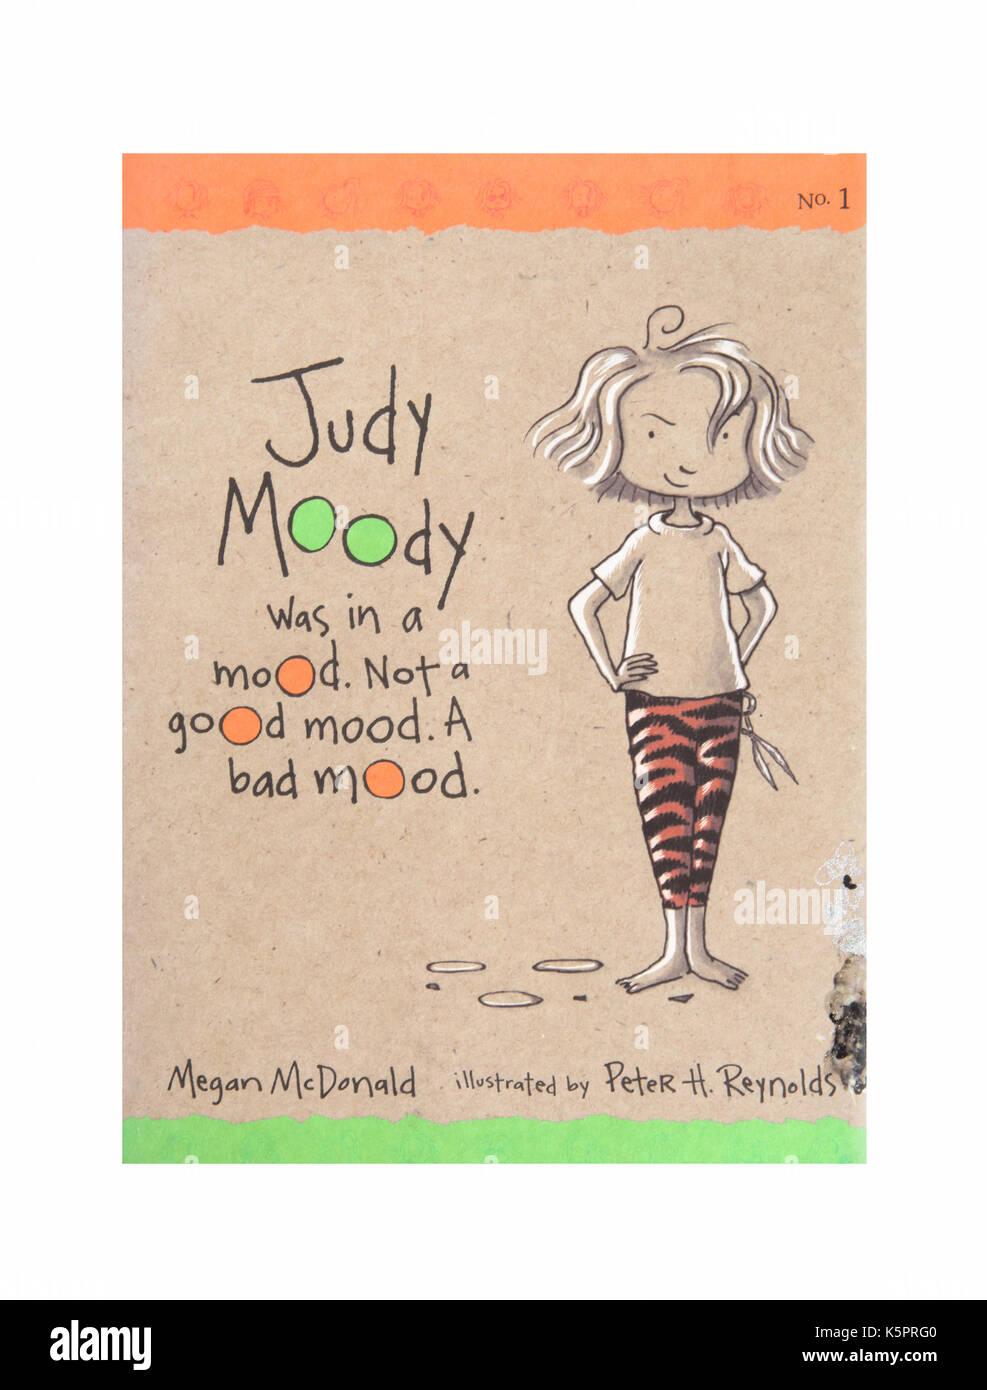 Le livre Judy Moody était dans une humeur, pas une bonne humeur. Une mauvaise humeur de Megan McDonald Photo Stock